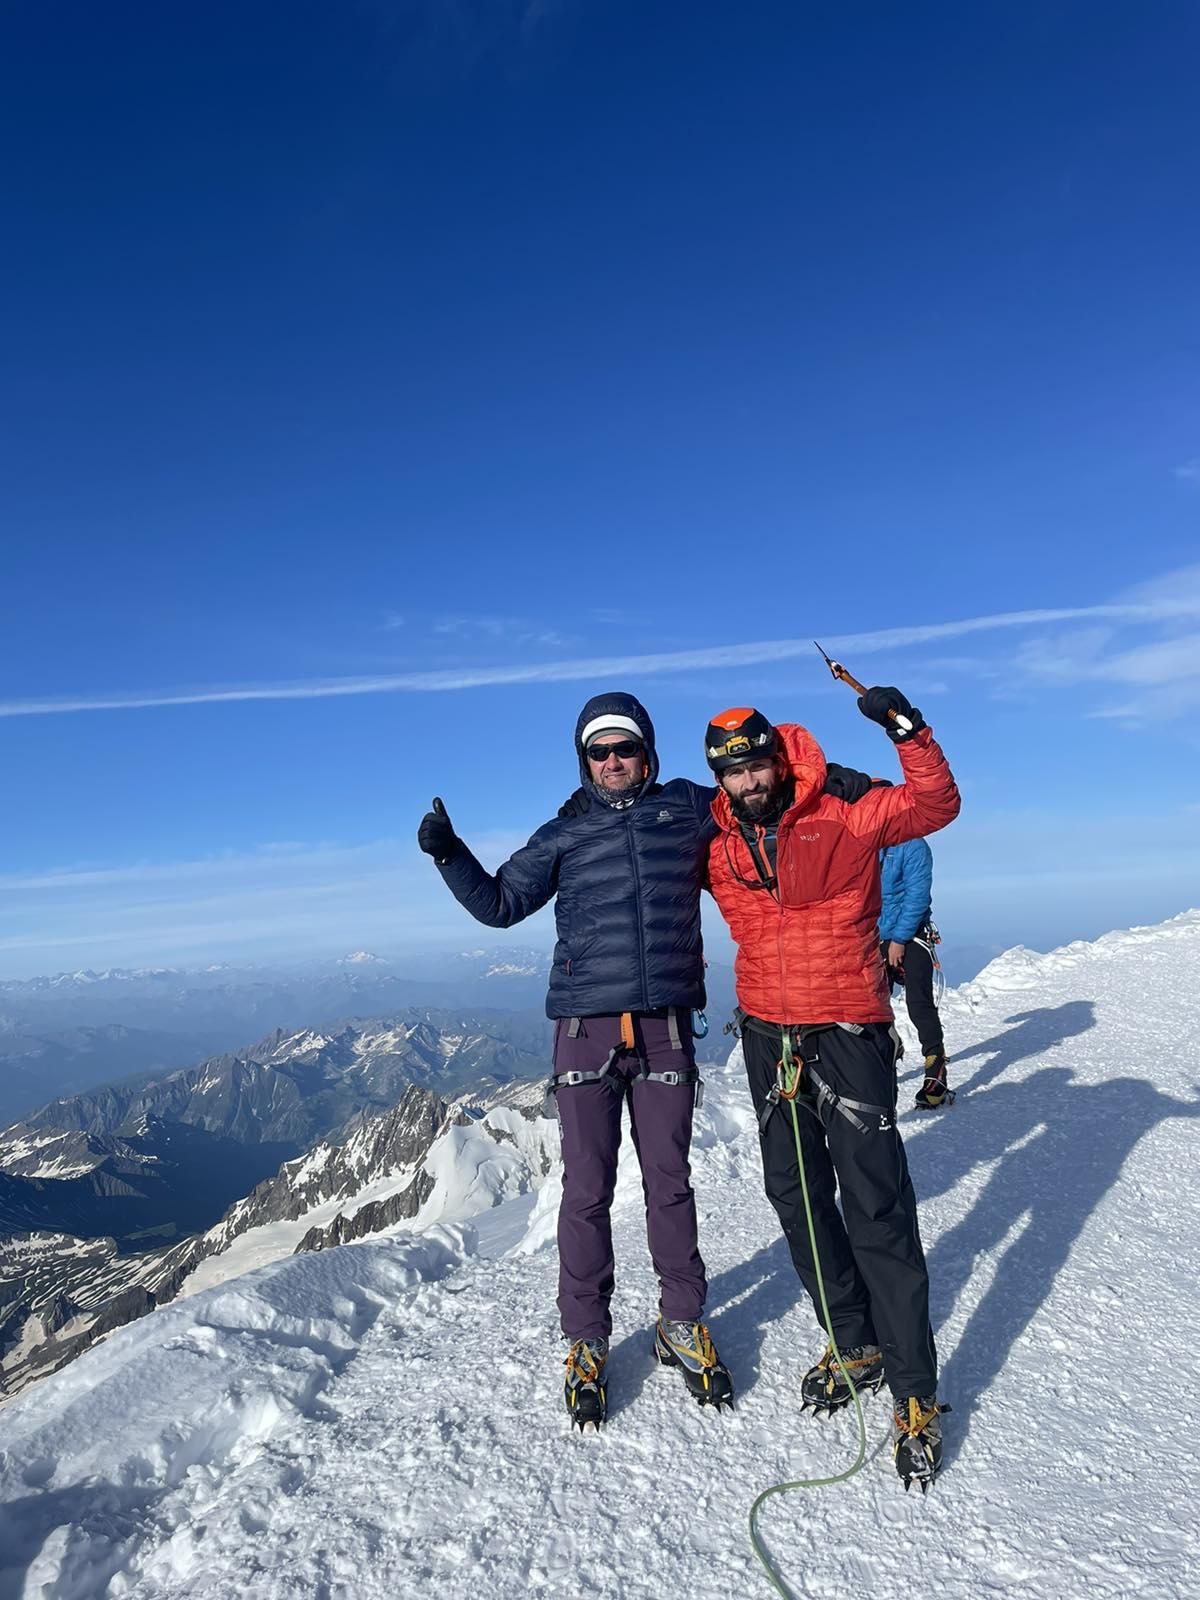 Франківці Микола Ковальчук і Тарас Боднарчук зійшли на найвищу гору Альп – Монблан (ФОТО)